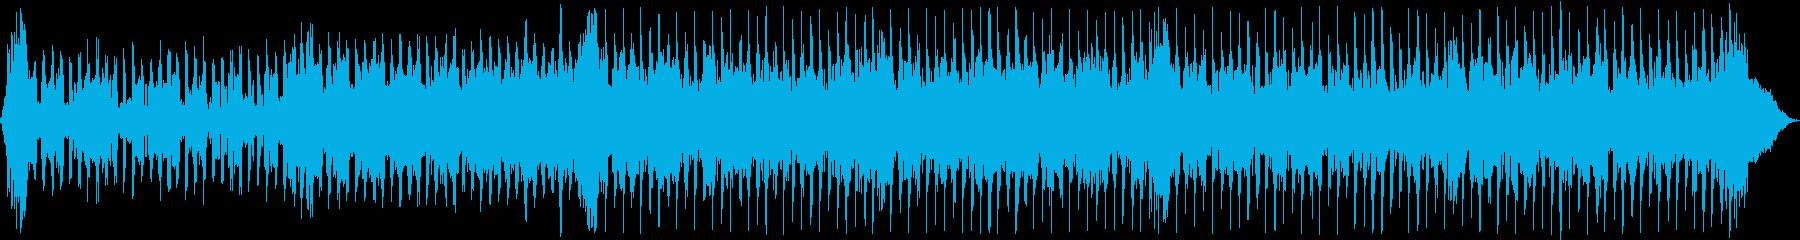 怪物エレキギターソングの再生済みの波形